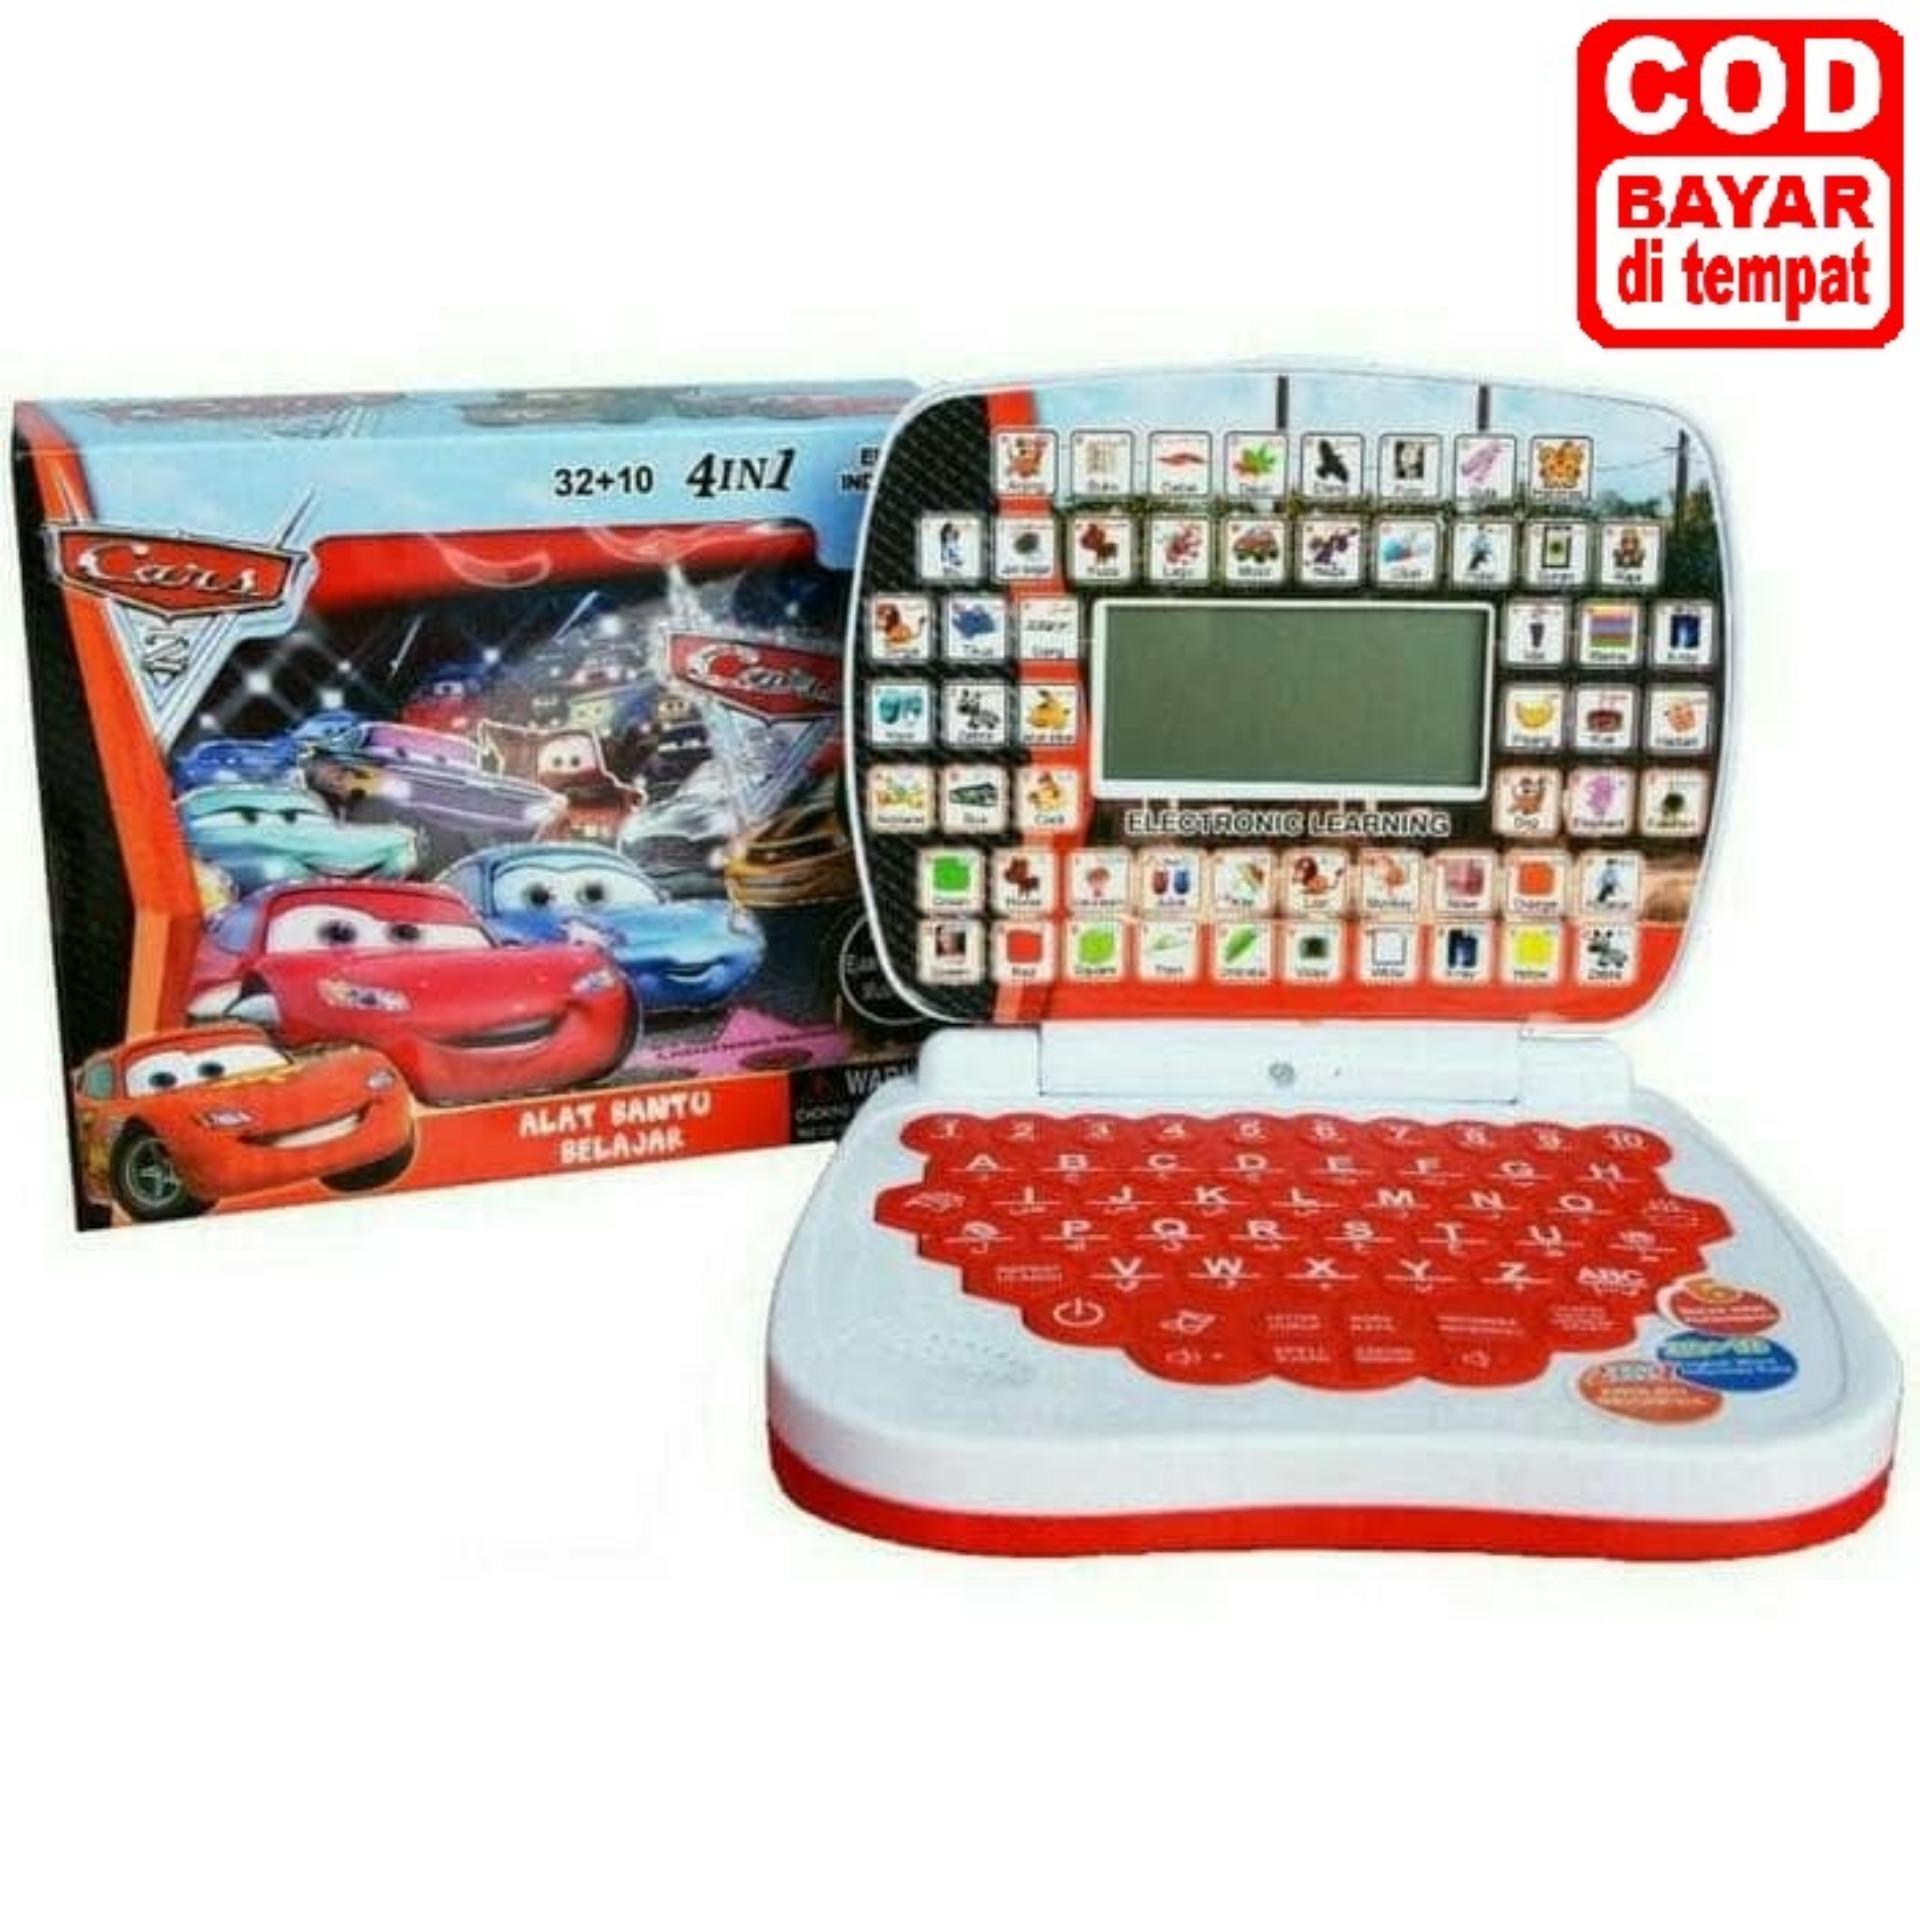 Mainan Laptop Mini dengan layar - 4 bahasa